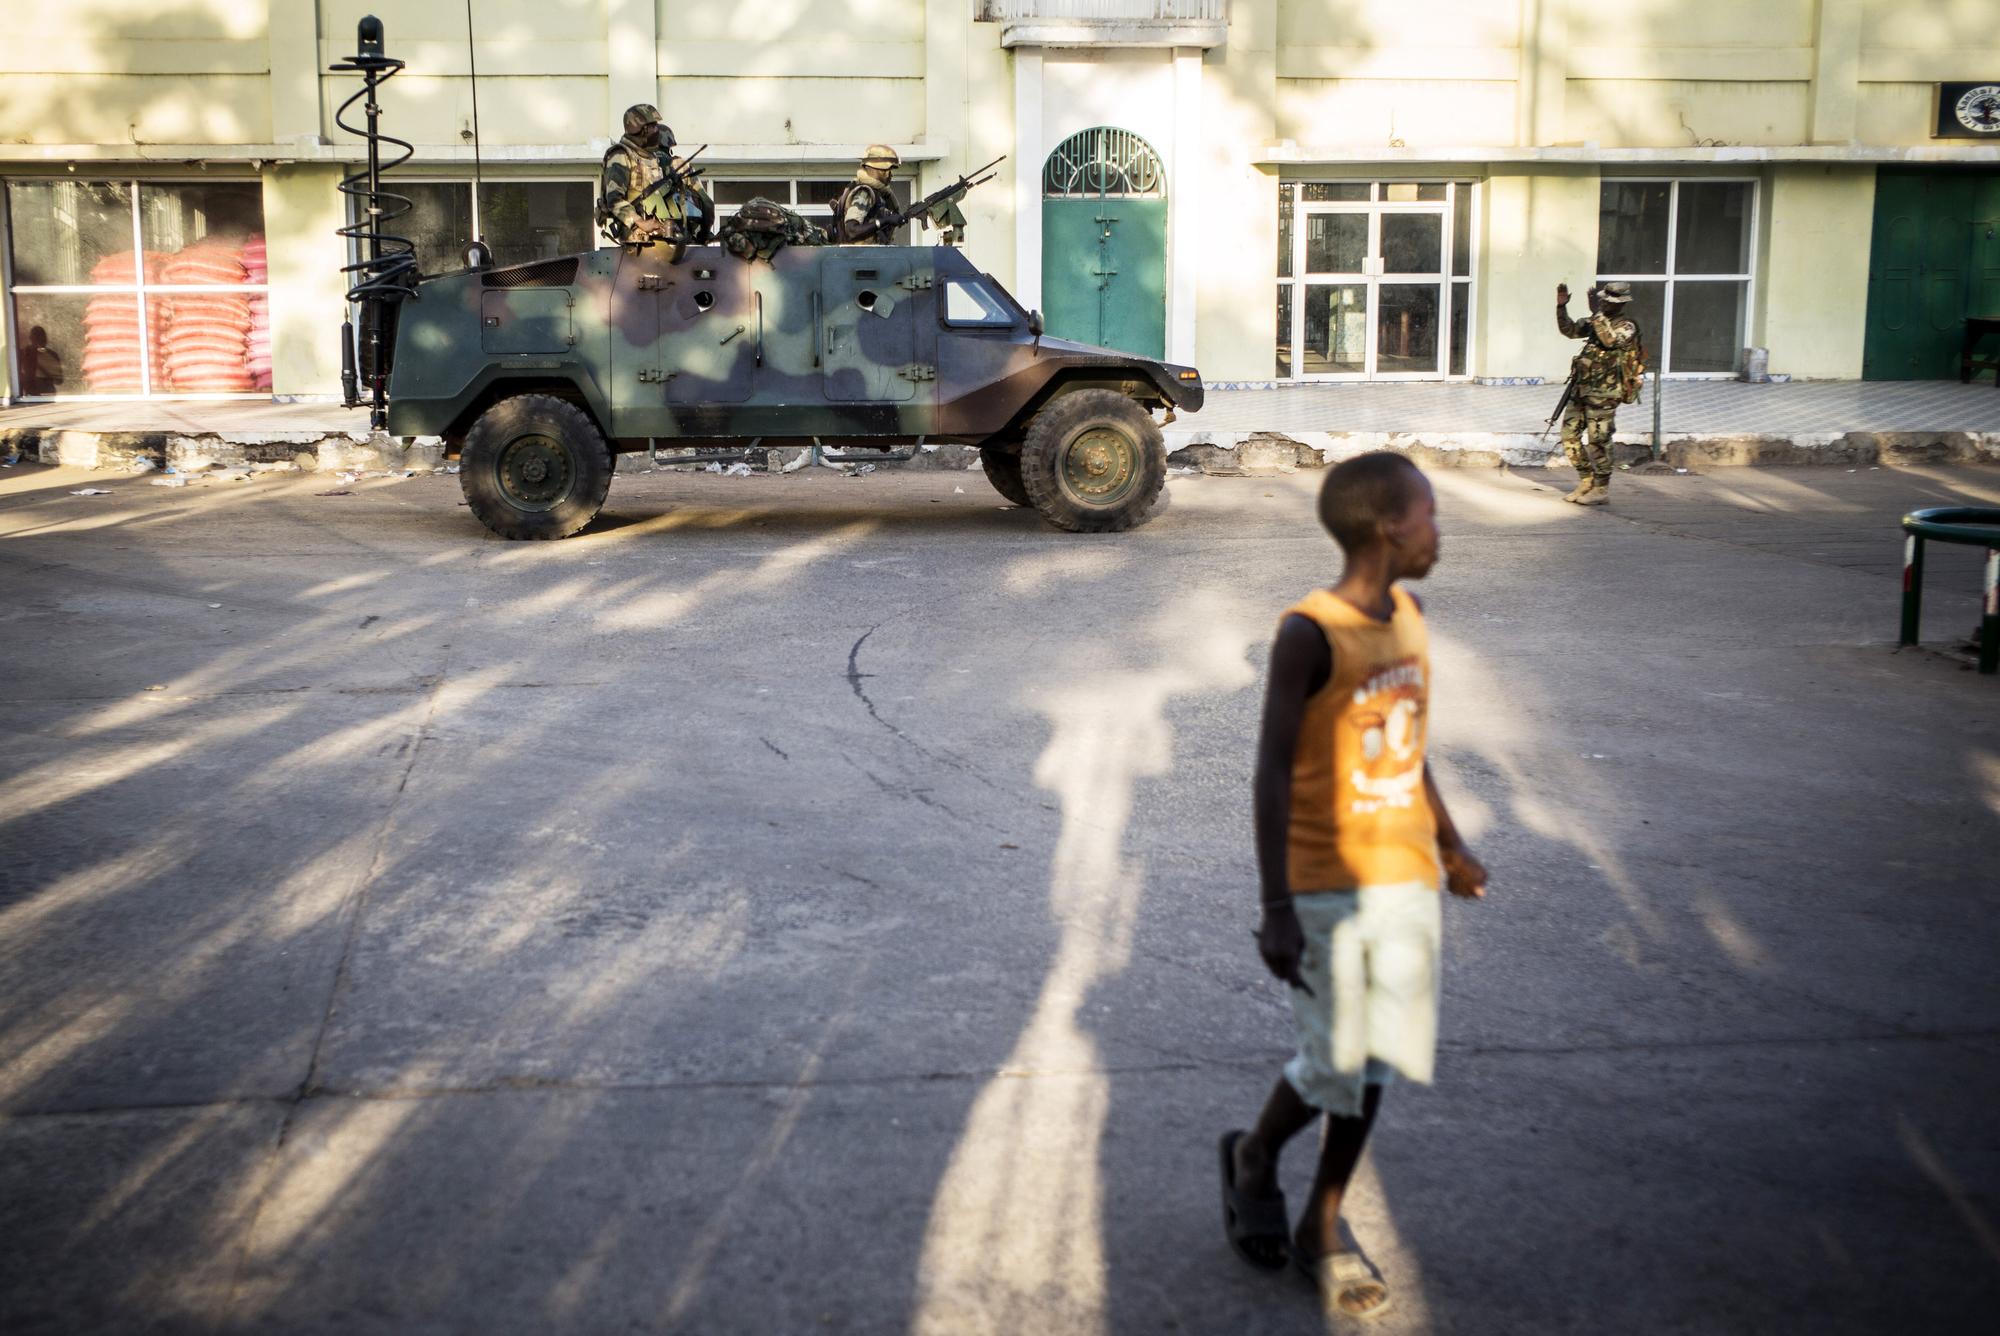 À Banjul, le palais présidentiel et ses alentours sont surveillés par les troupes sénégalaises de la Cedeao.